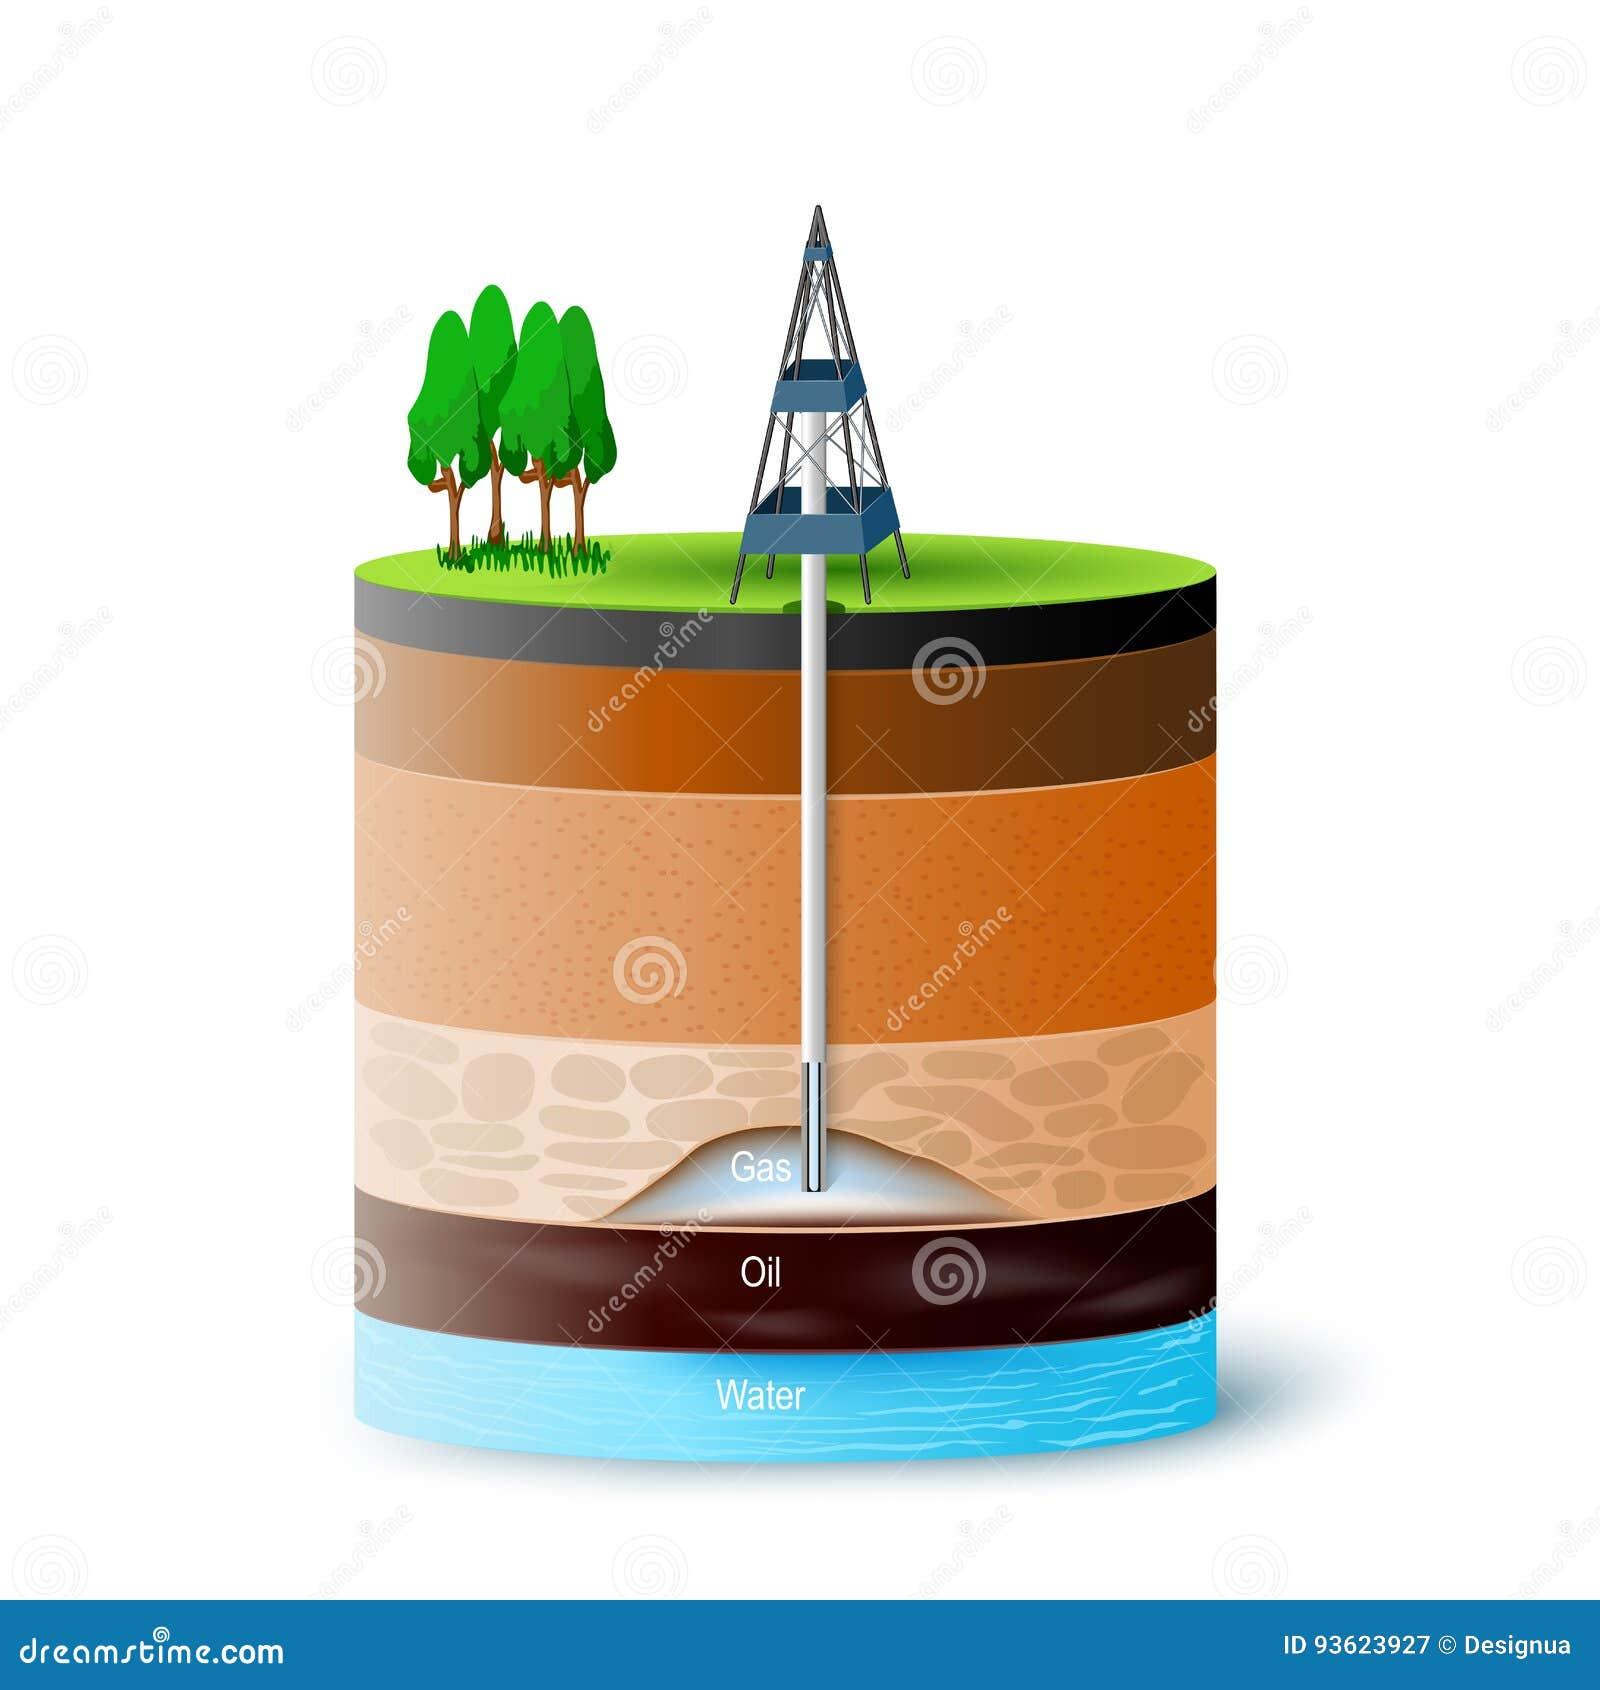 Zmielony przekroju poprzecznego seansu gaz, olej i poziom wody,